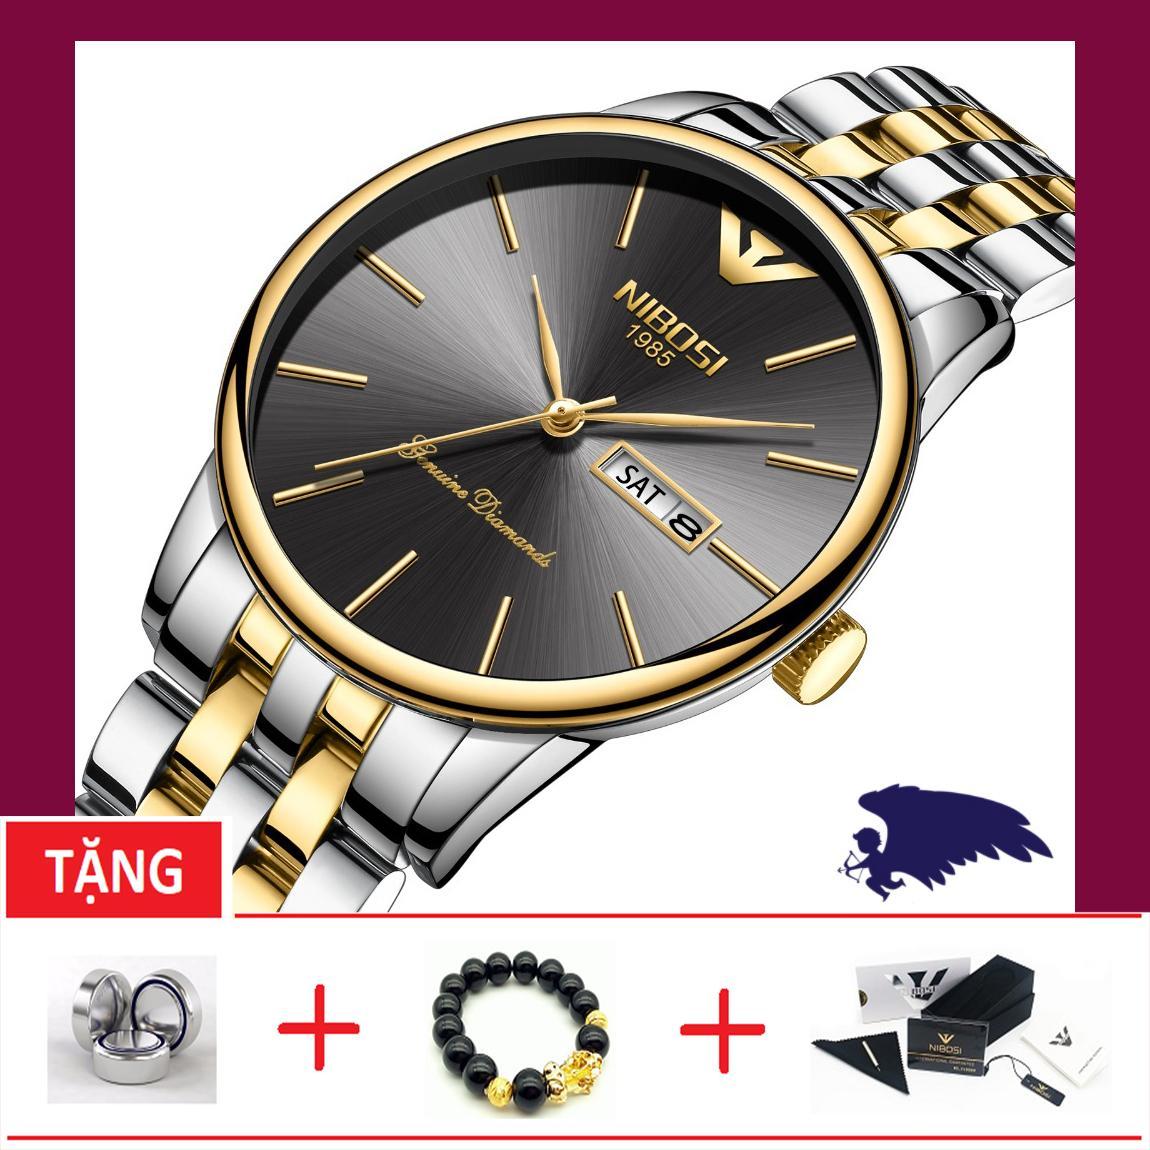 Nơi bán Đồng hồ nam dây thép đặc không gỉ Nibosi OT233-2T sang trọng (TẶNG BOX, PIN, VÀ VÒNG TAY TỲ HƯU)